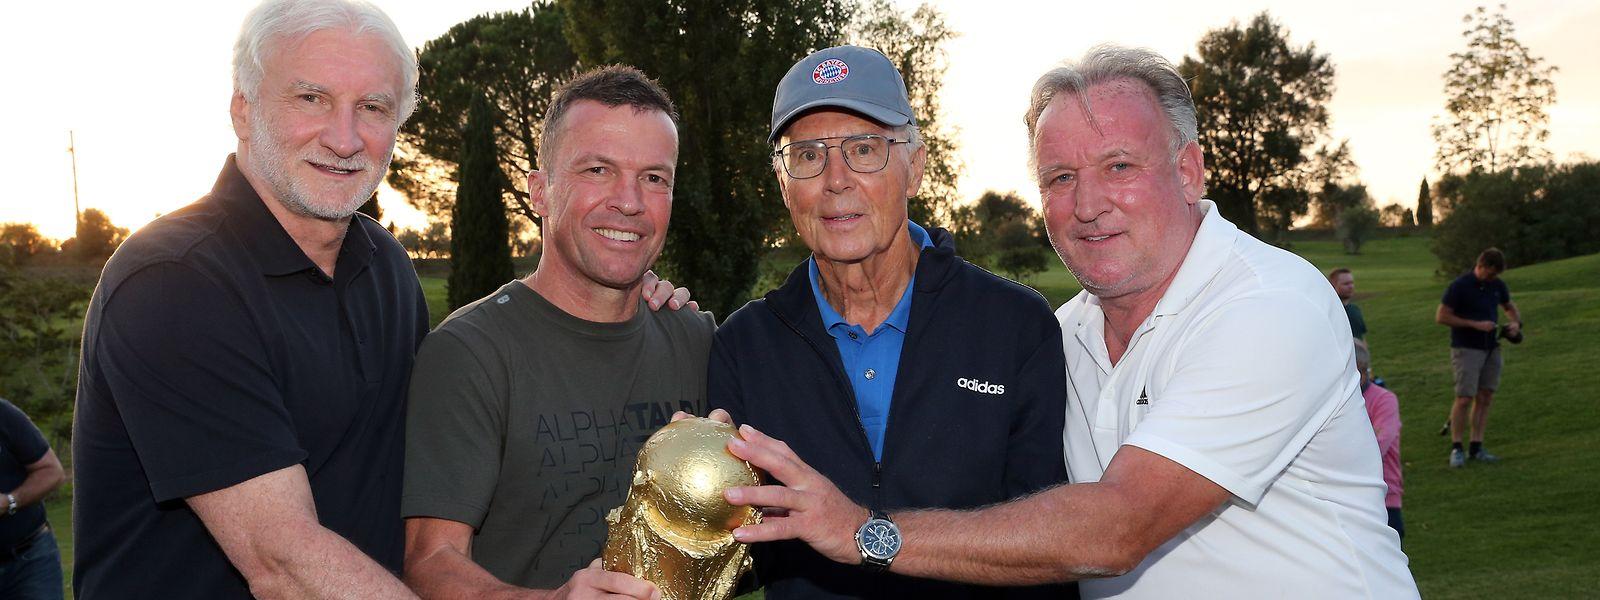 Andreas Brehme (r.) organisierte zusammen mit Rudi Völler, Lothar Matthäus und Franz Beckenbauer (v.ln.r.) in der Toskana ein Treffen der Weltmeister von 1990.